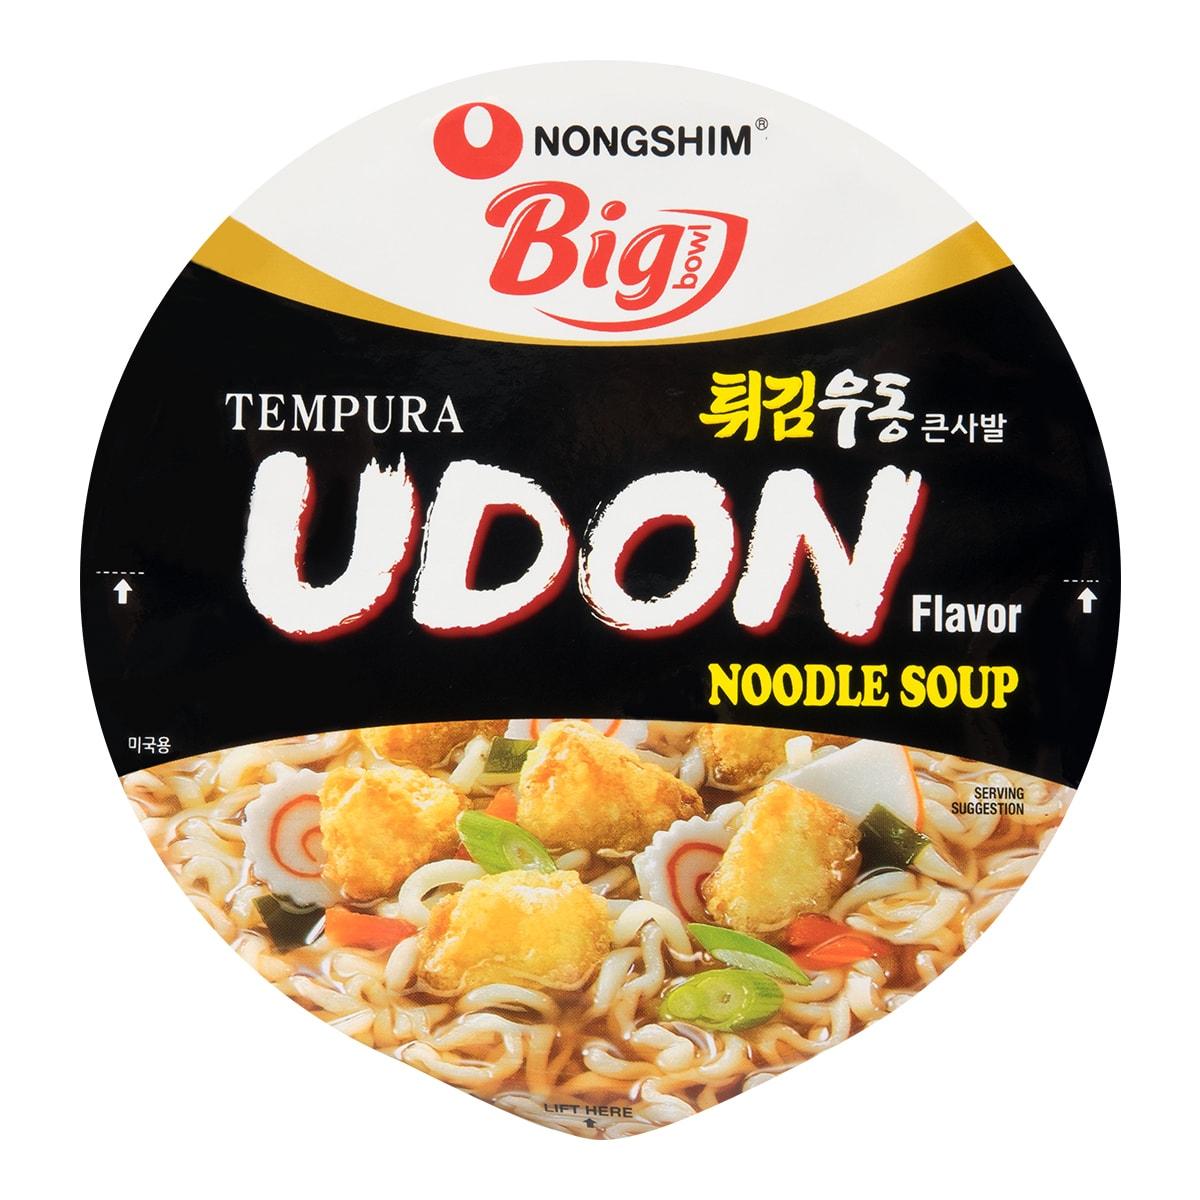 NONGSHIM Tempura Udon Noodle Bowl 114g